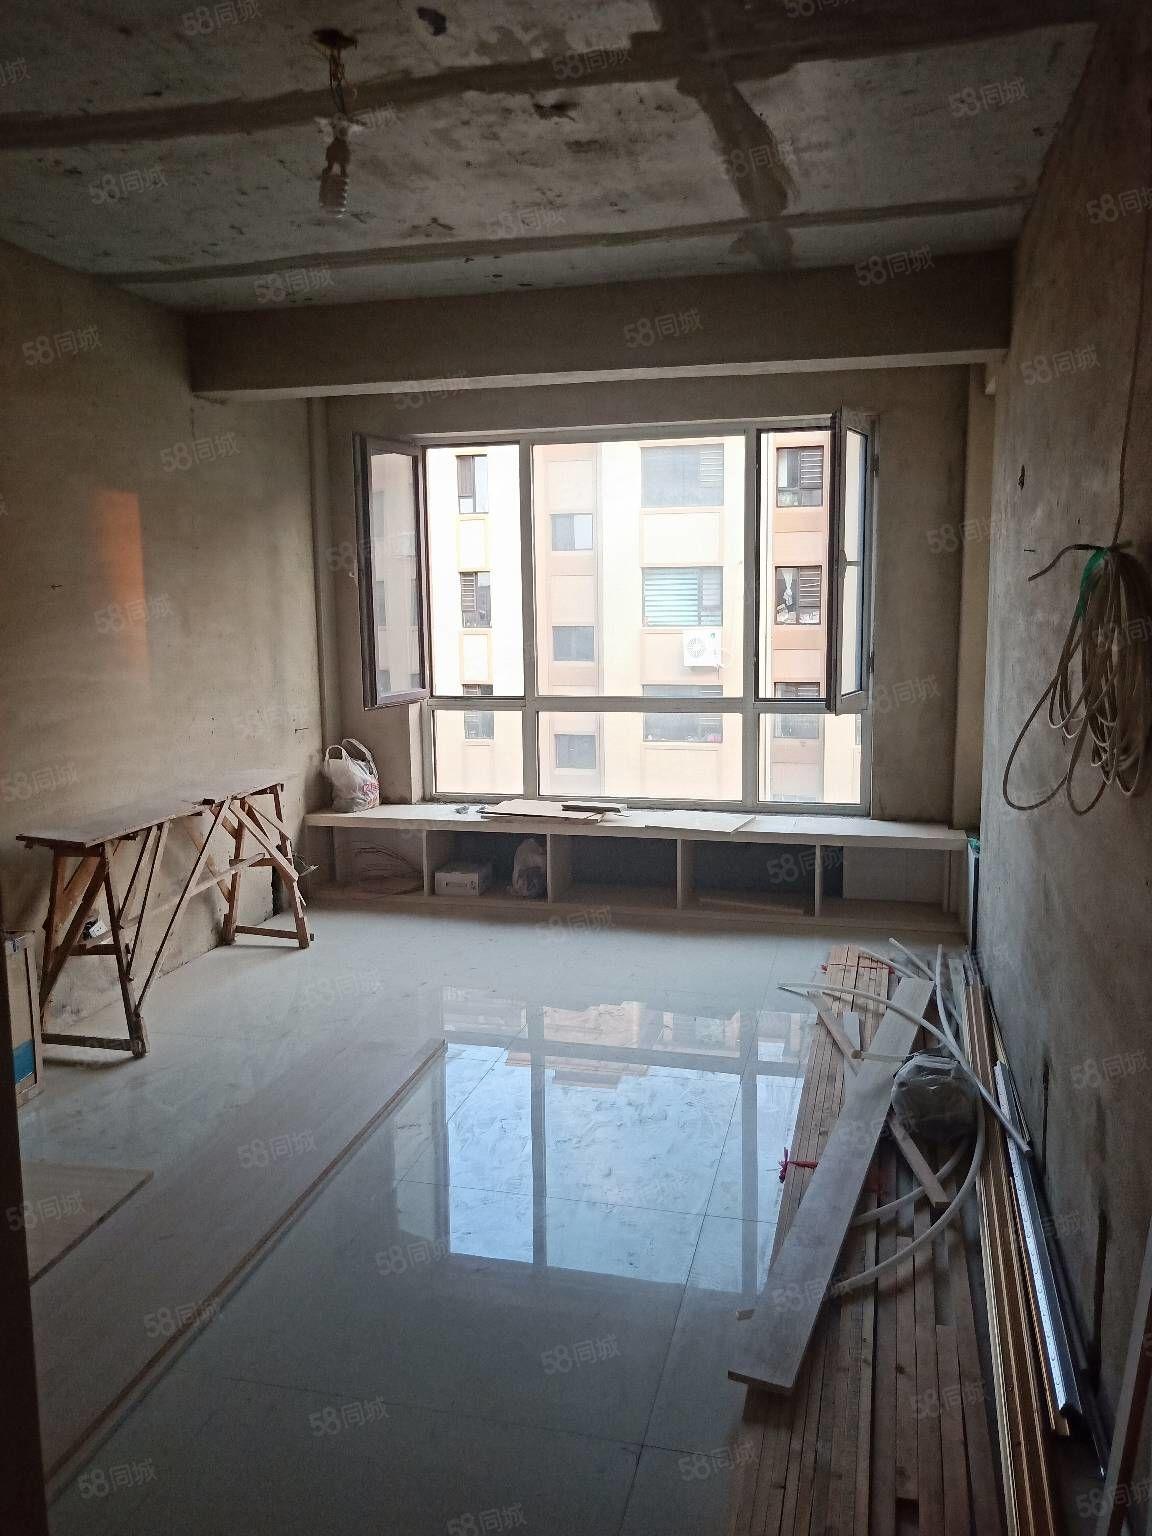 富源城堡住宅3樓兩室一廳半裝修不把山房照滿2年可貸款